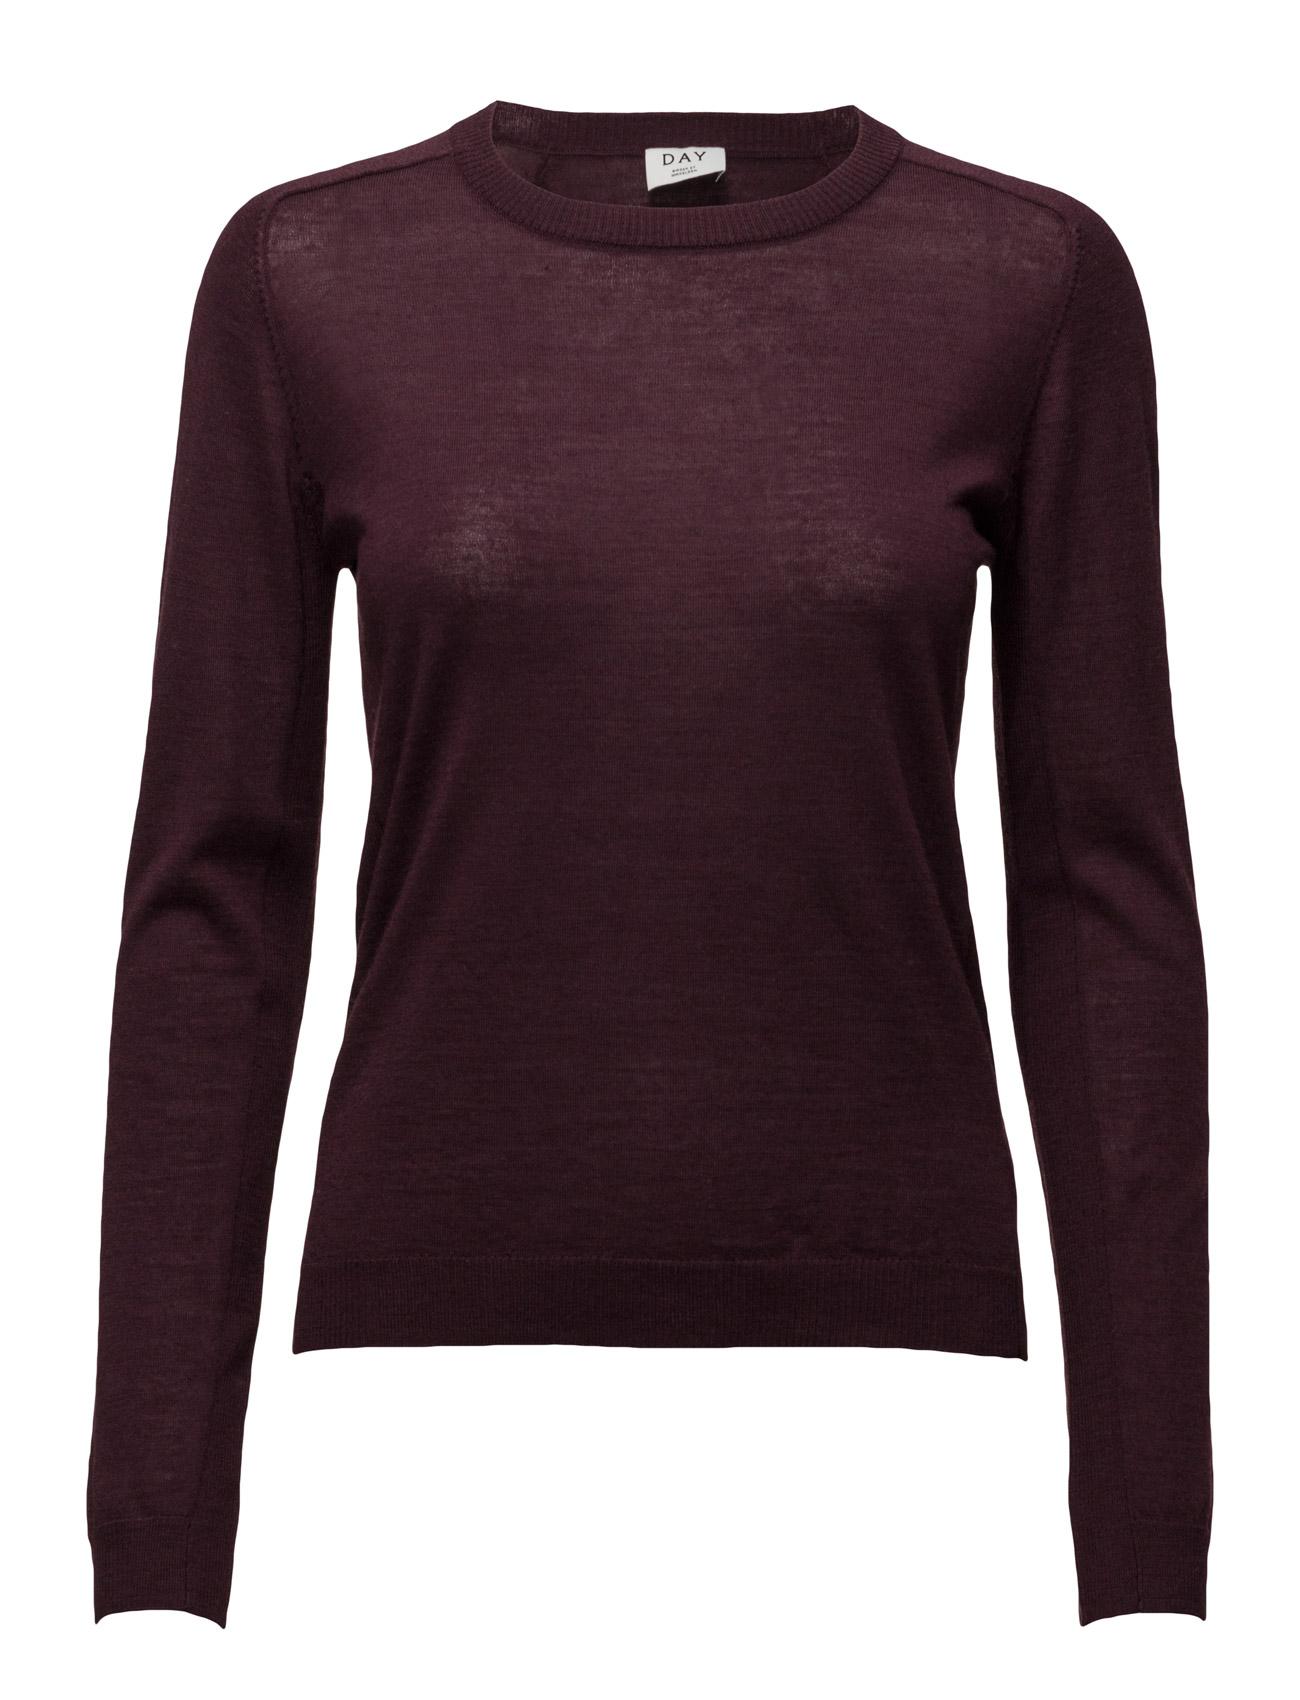 Day Whitney Day Birger et Mikkelsen Sweatshirts til Damer i